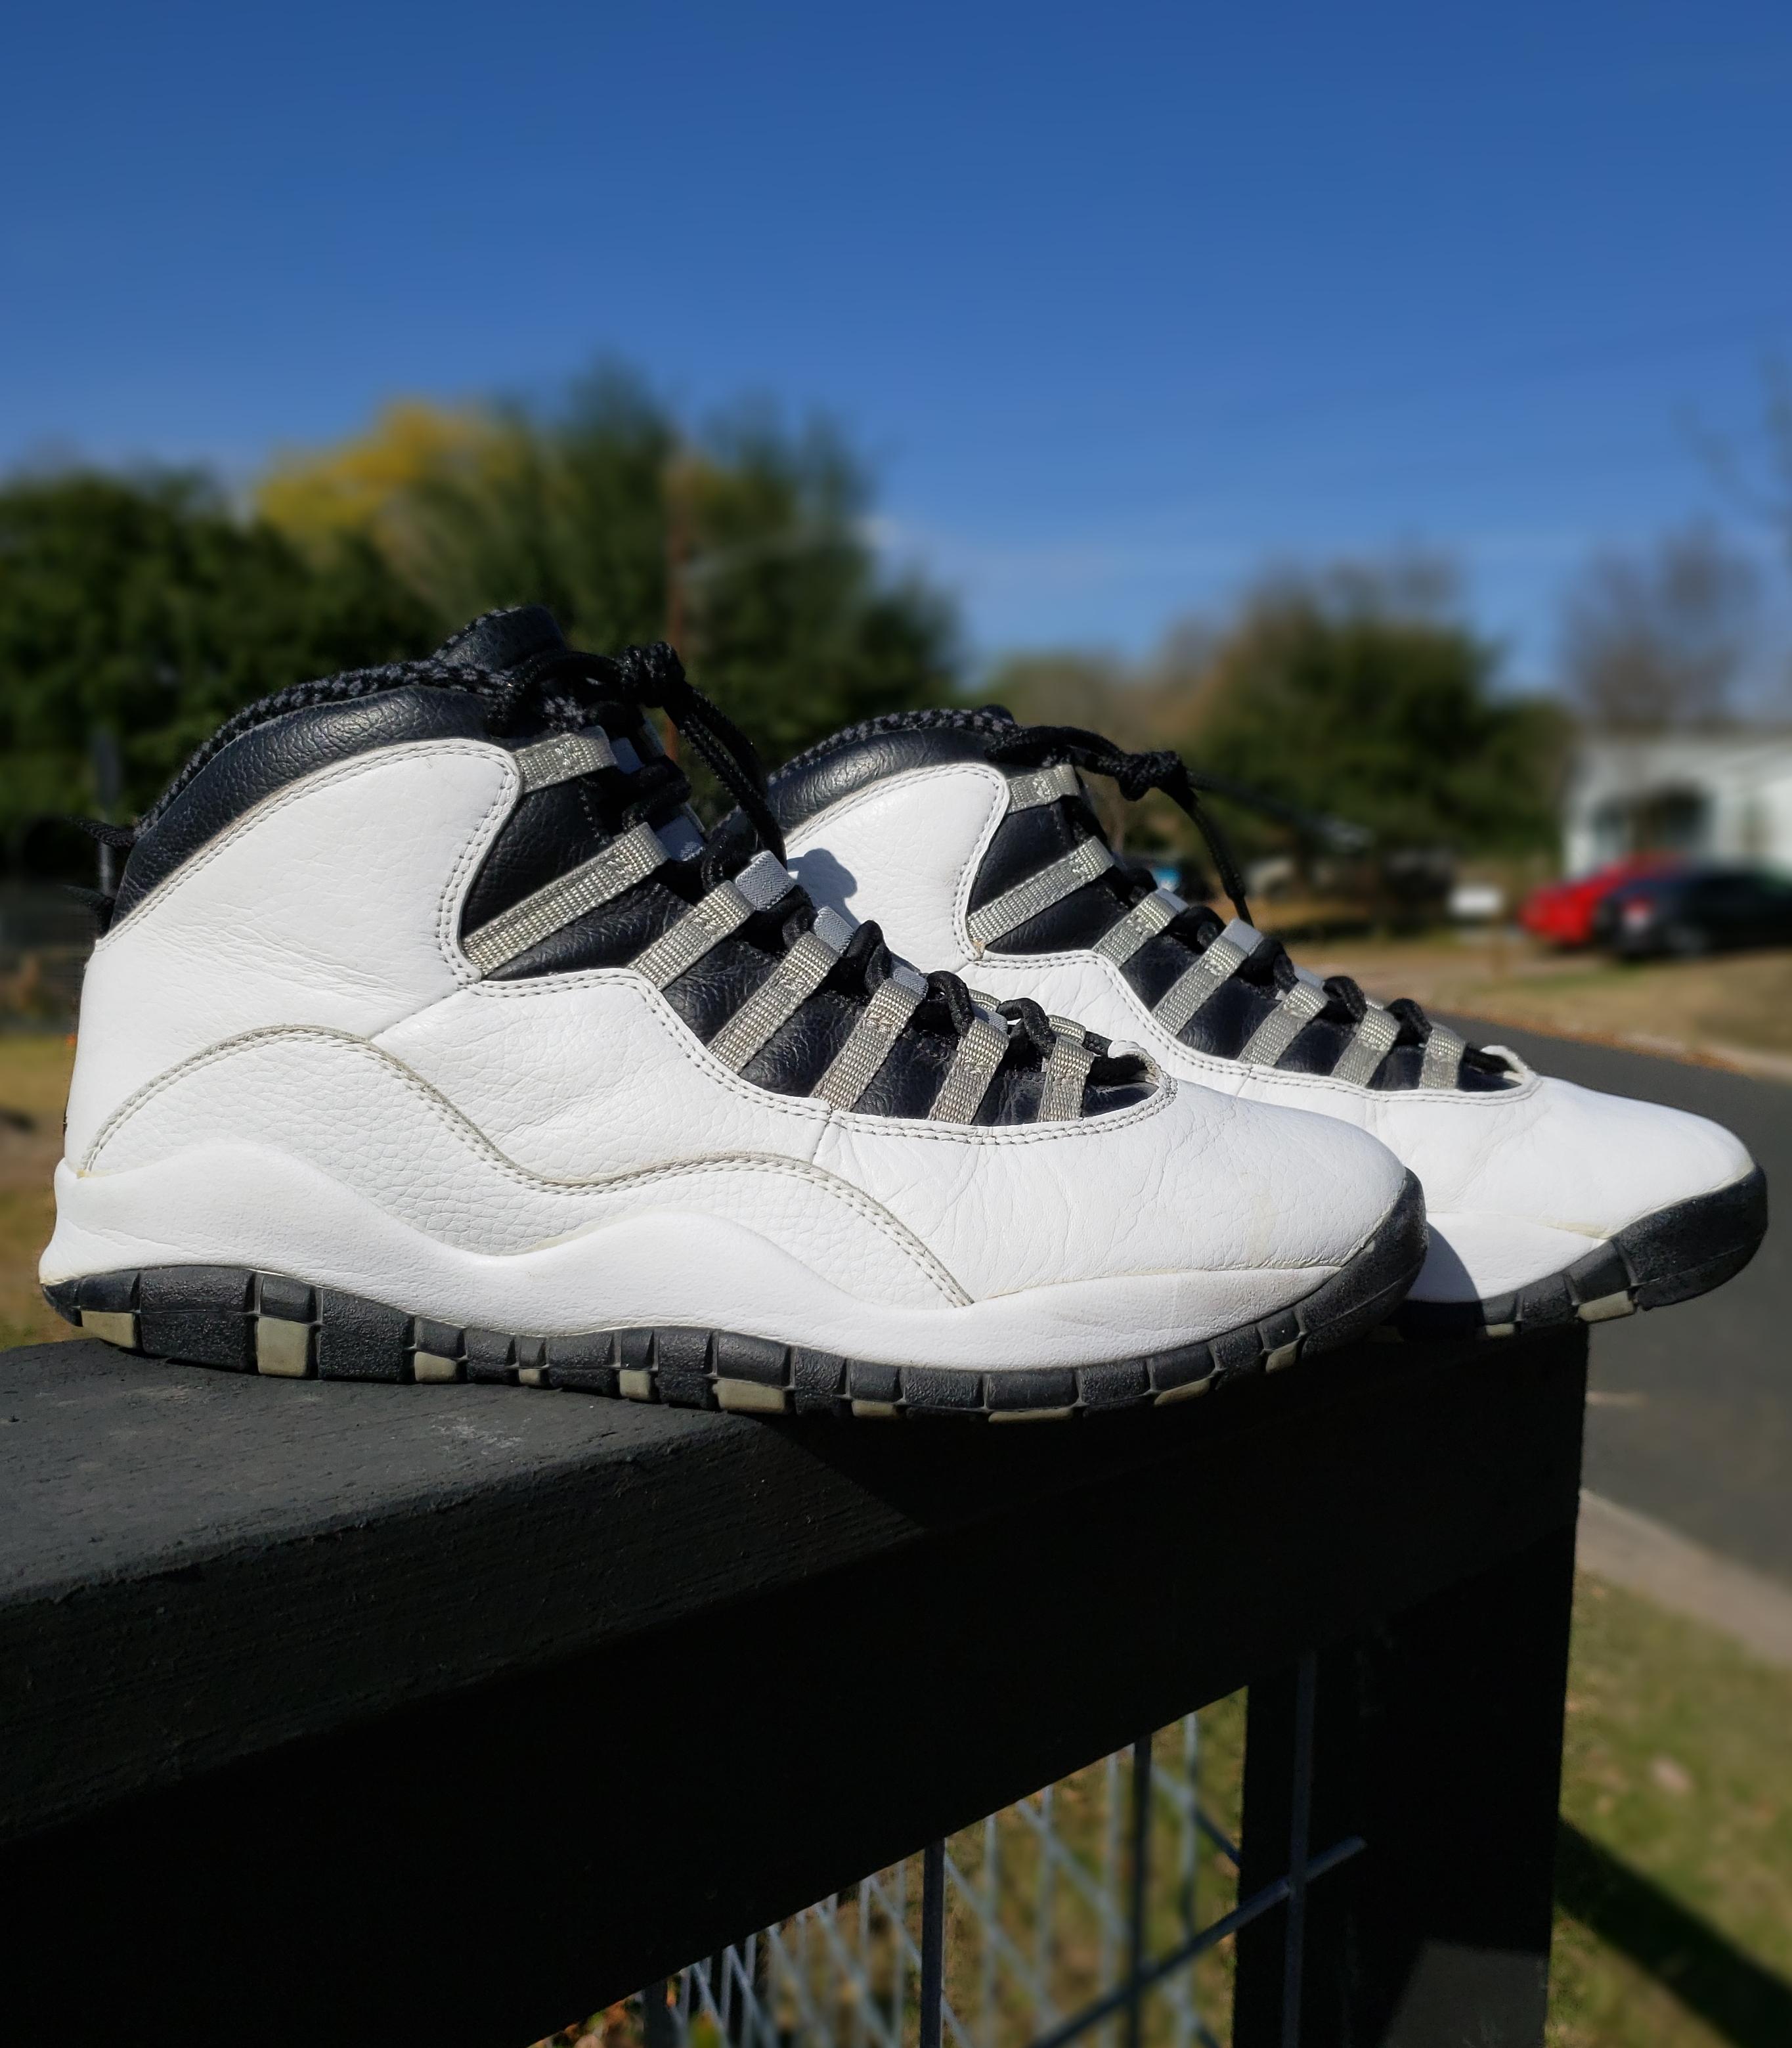 7a9a451f8fc8c7 Nike Nike Air Jordan 2005 Retro 10 Steel X Michael Jordan Mj